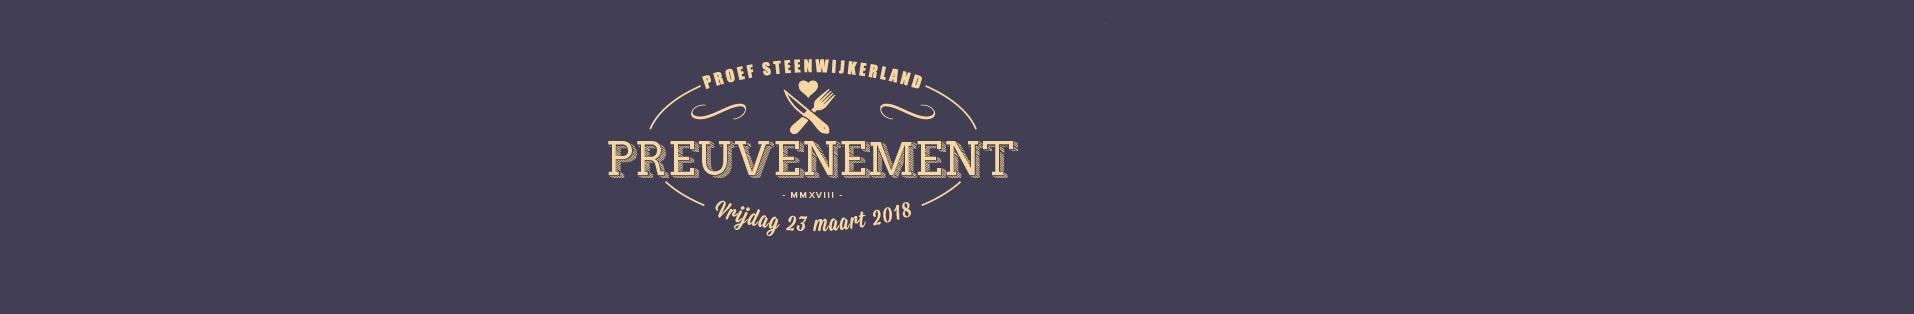 Proef Steenwijkerland logo